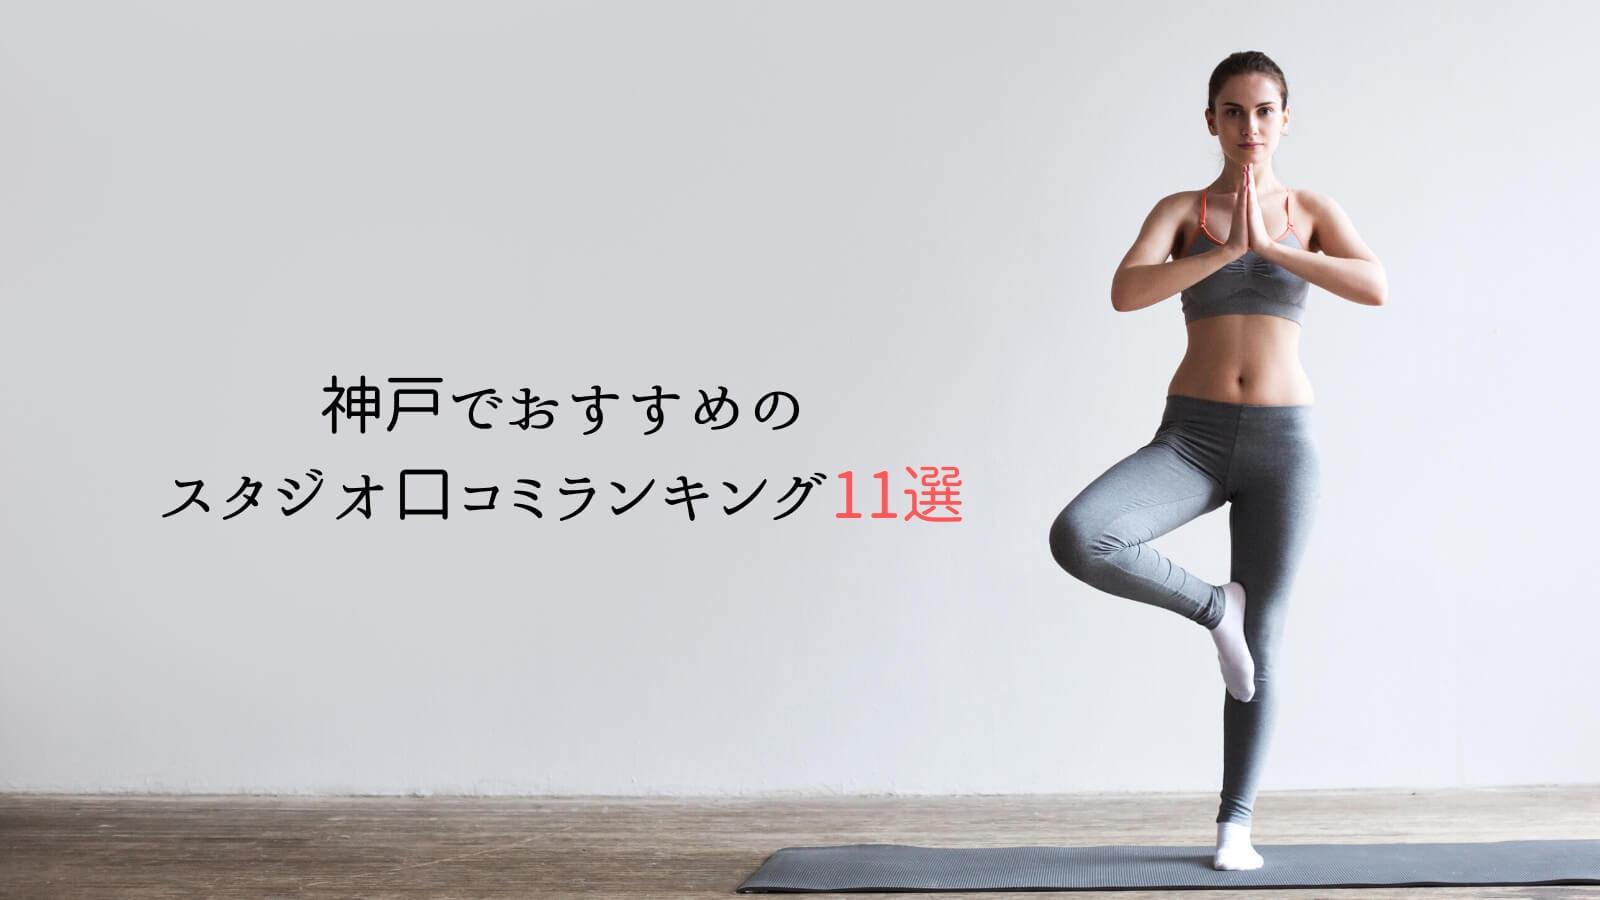 神戸でおすすめのヨガスタジオ口コミランキング11選